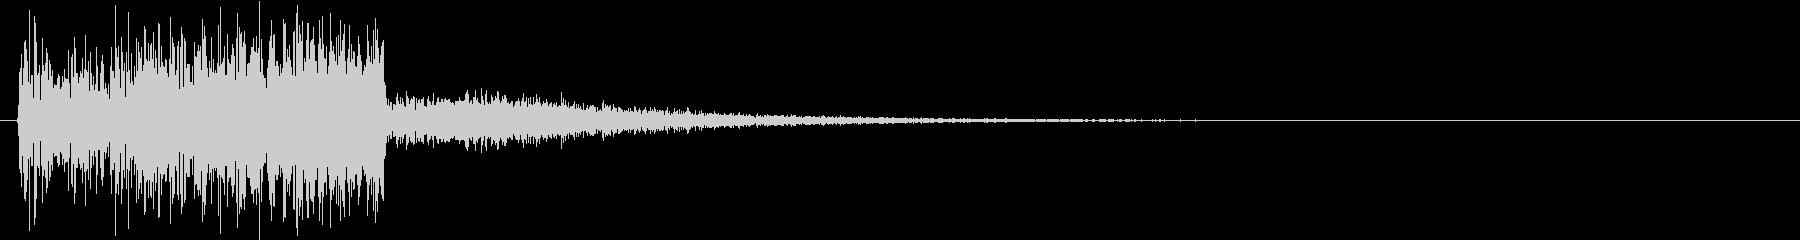 グィーーン(レベル上昇音)の未再生の波形